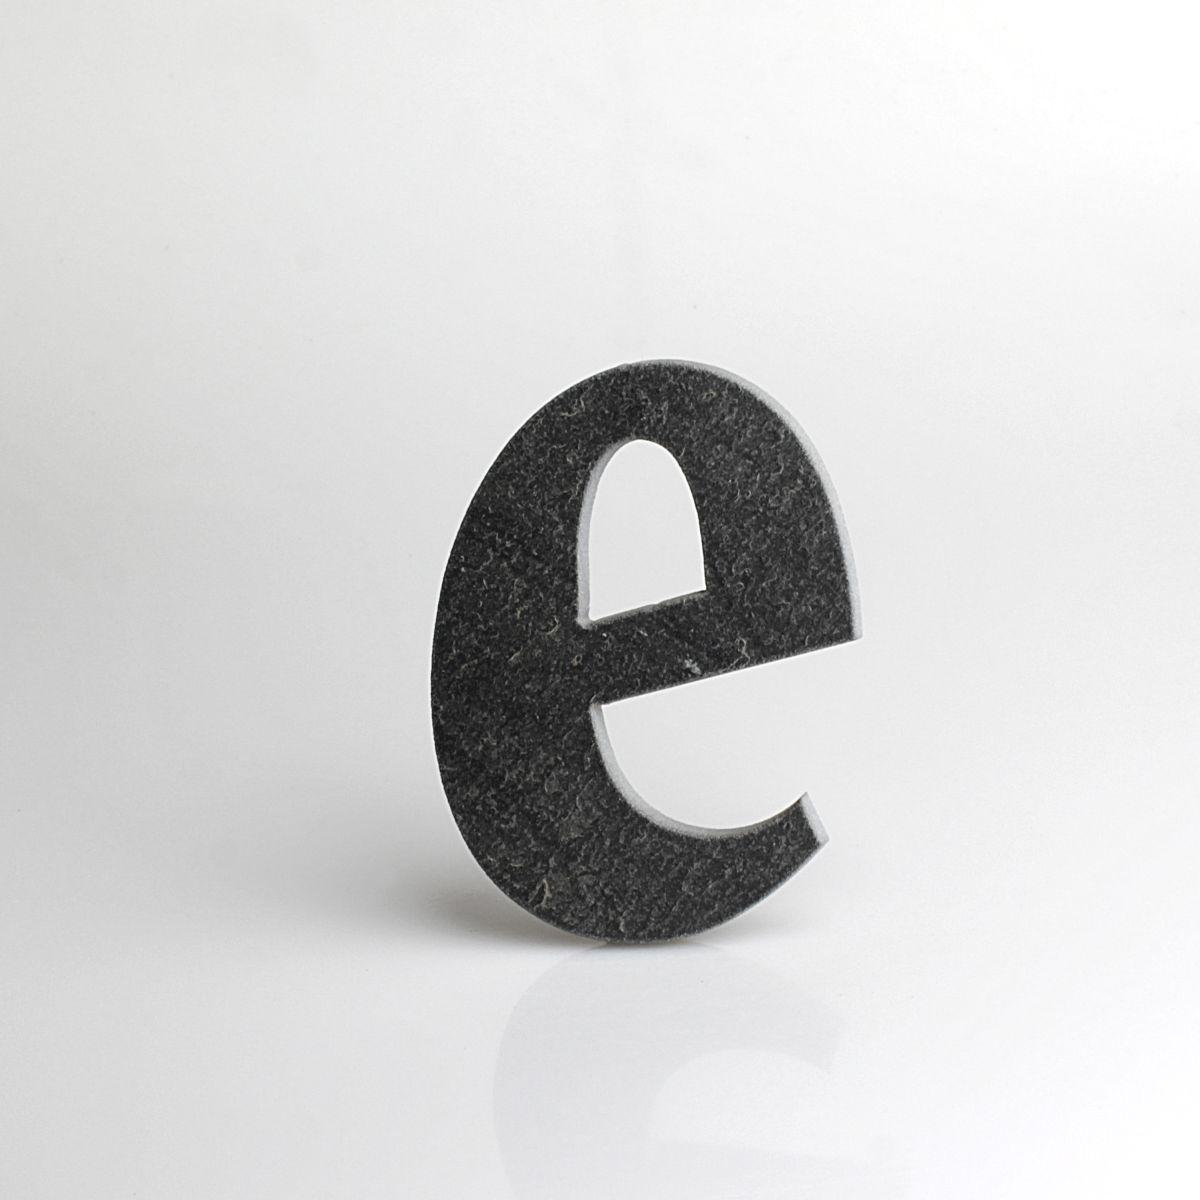 """omovní číslo popisné Břidlice BELWE - písmeno """"e"""